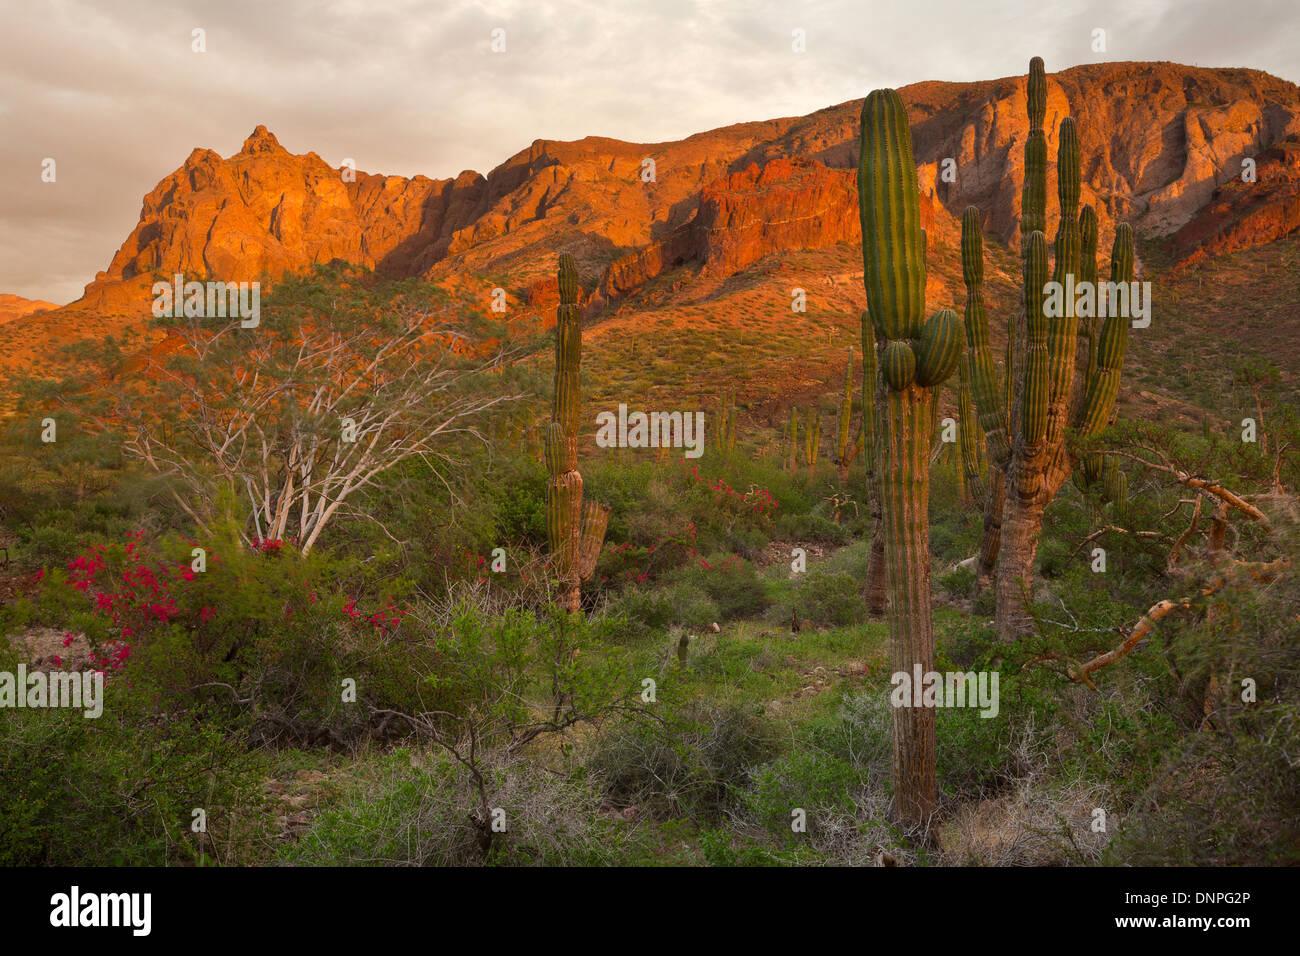 Cardon Cactus (Pachycereus pringlei) near Balandra in Baja, Mexico. - Stock Image